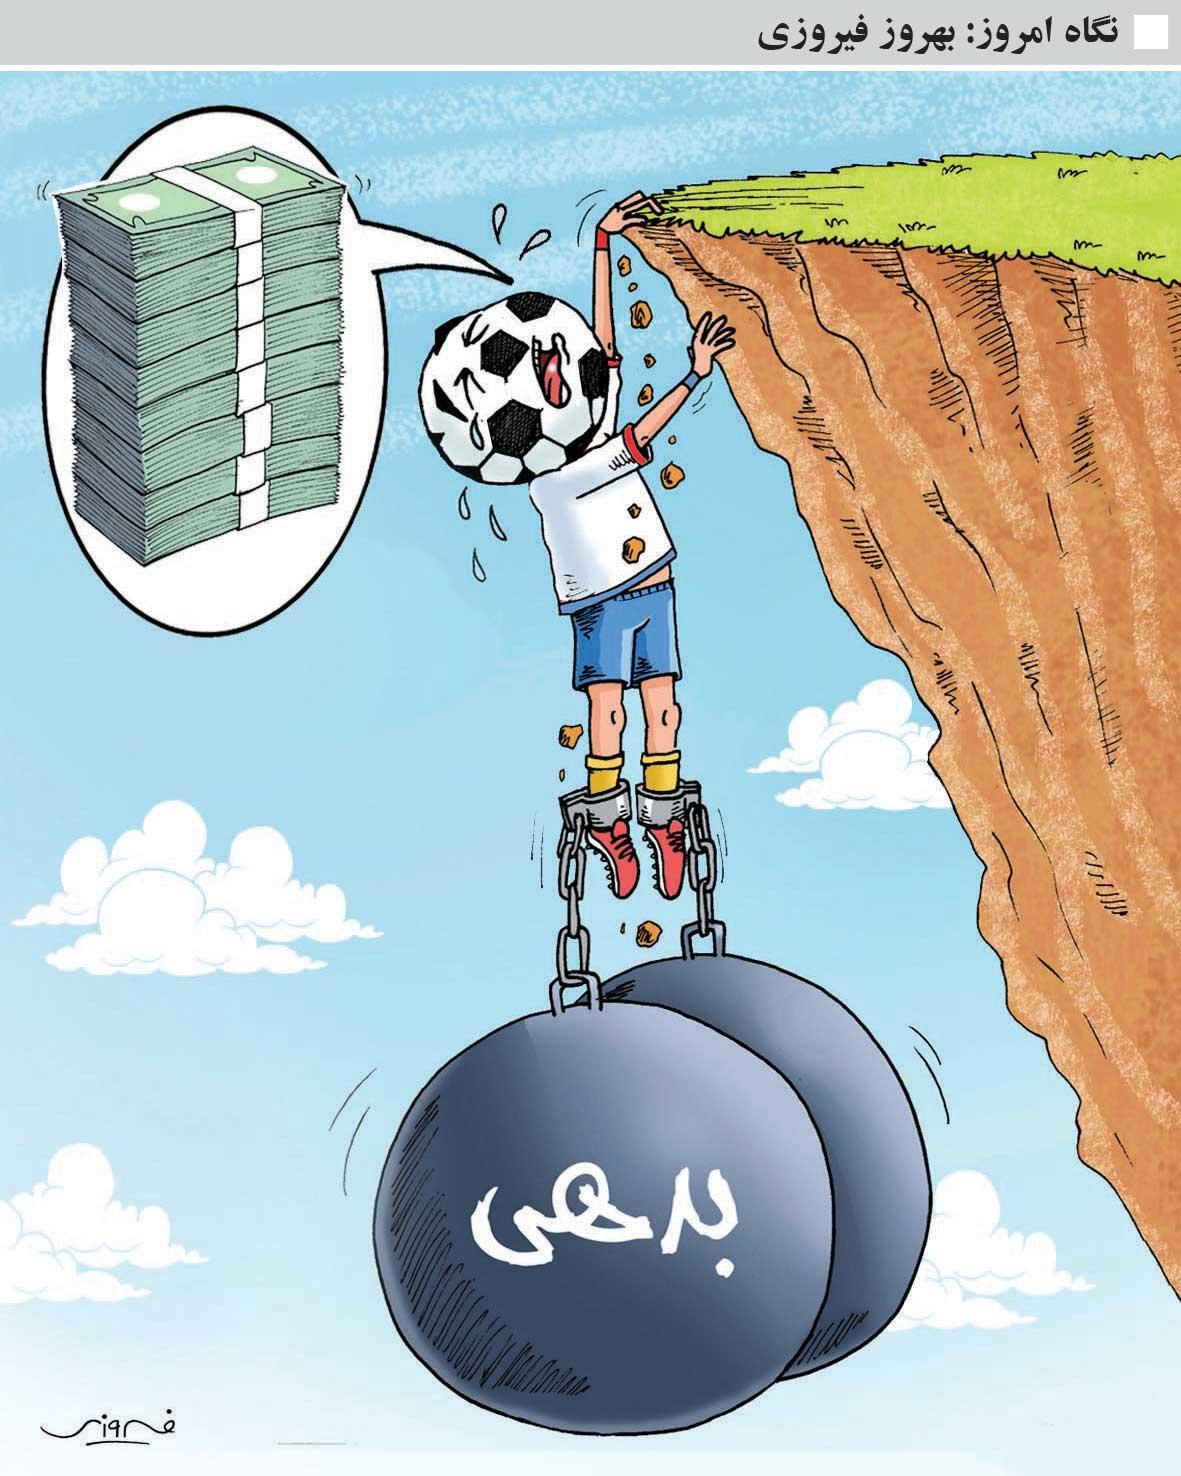 کارتون/ فوتبال ایران لبه پرتگاه بدهی!